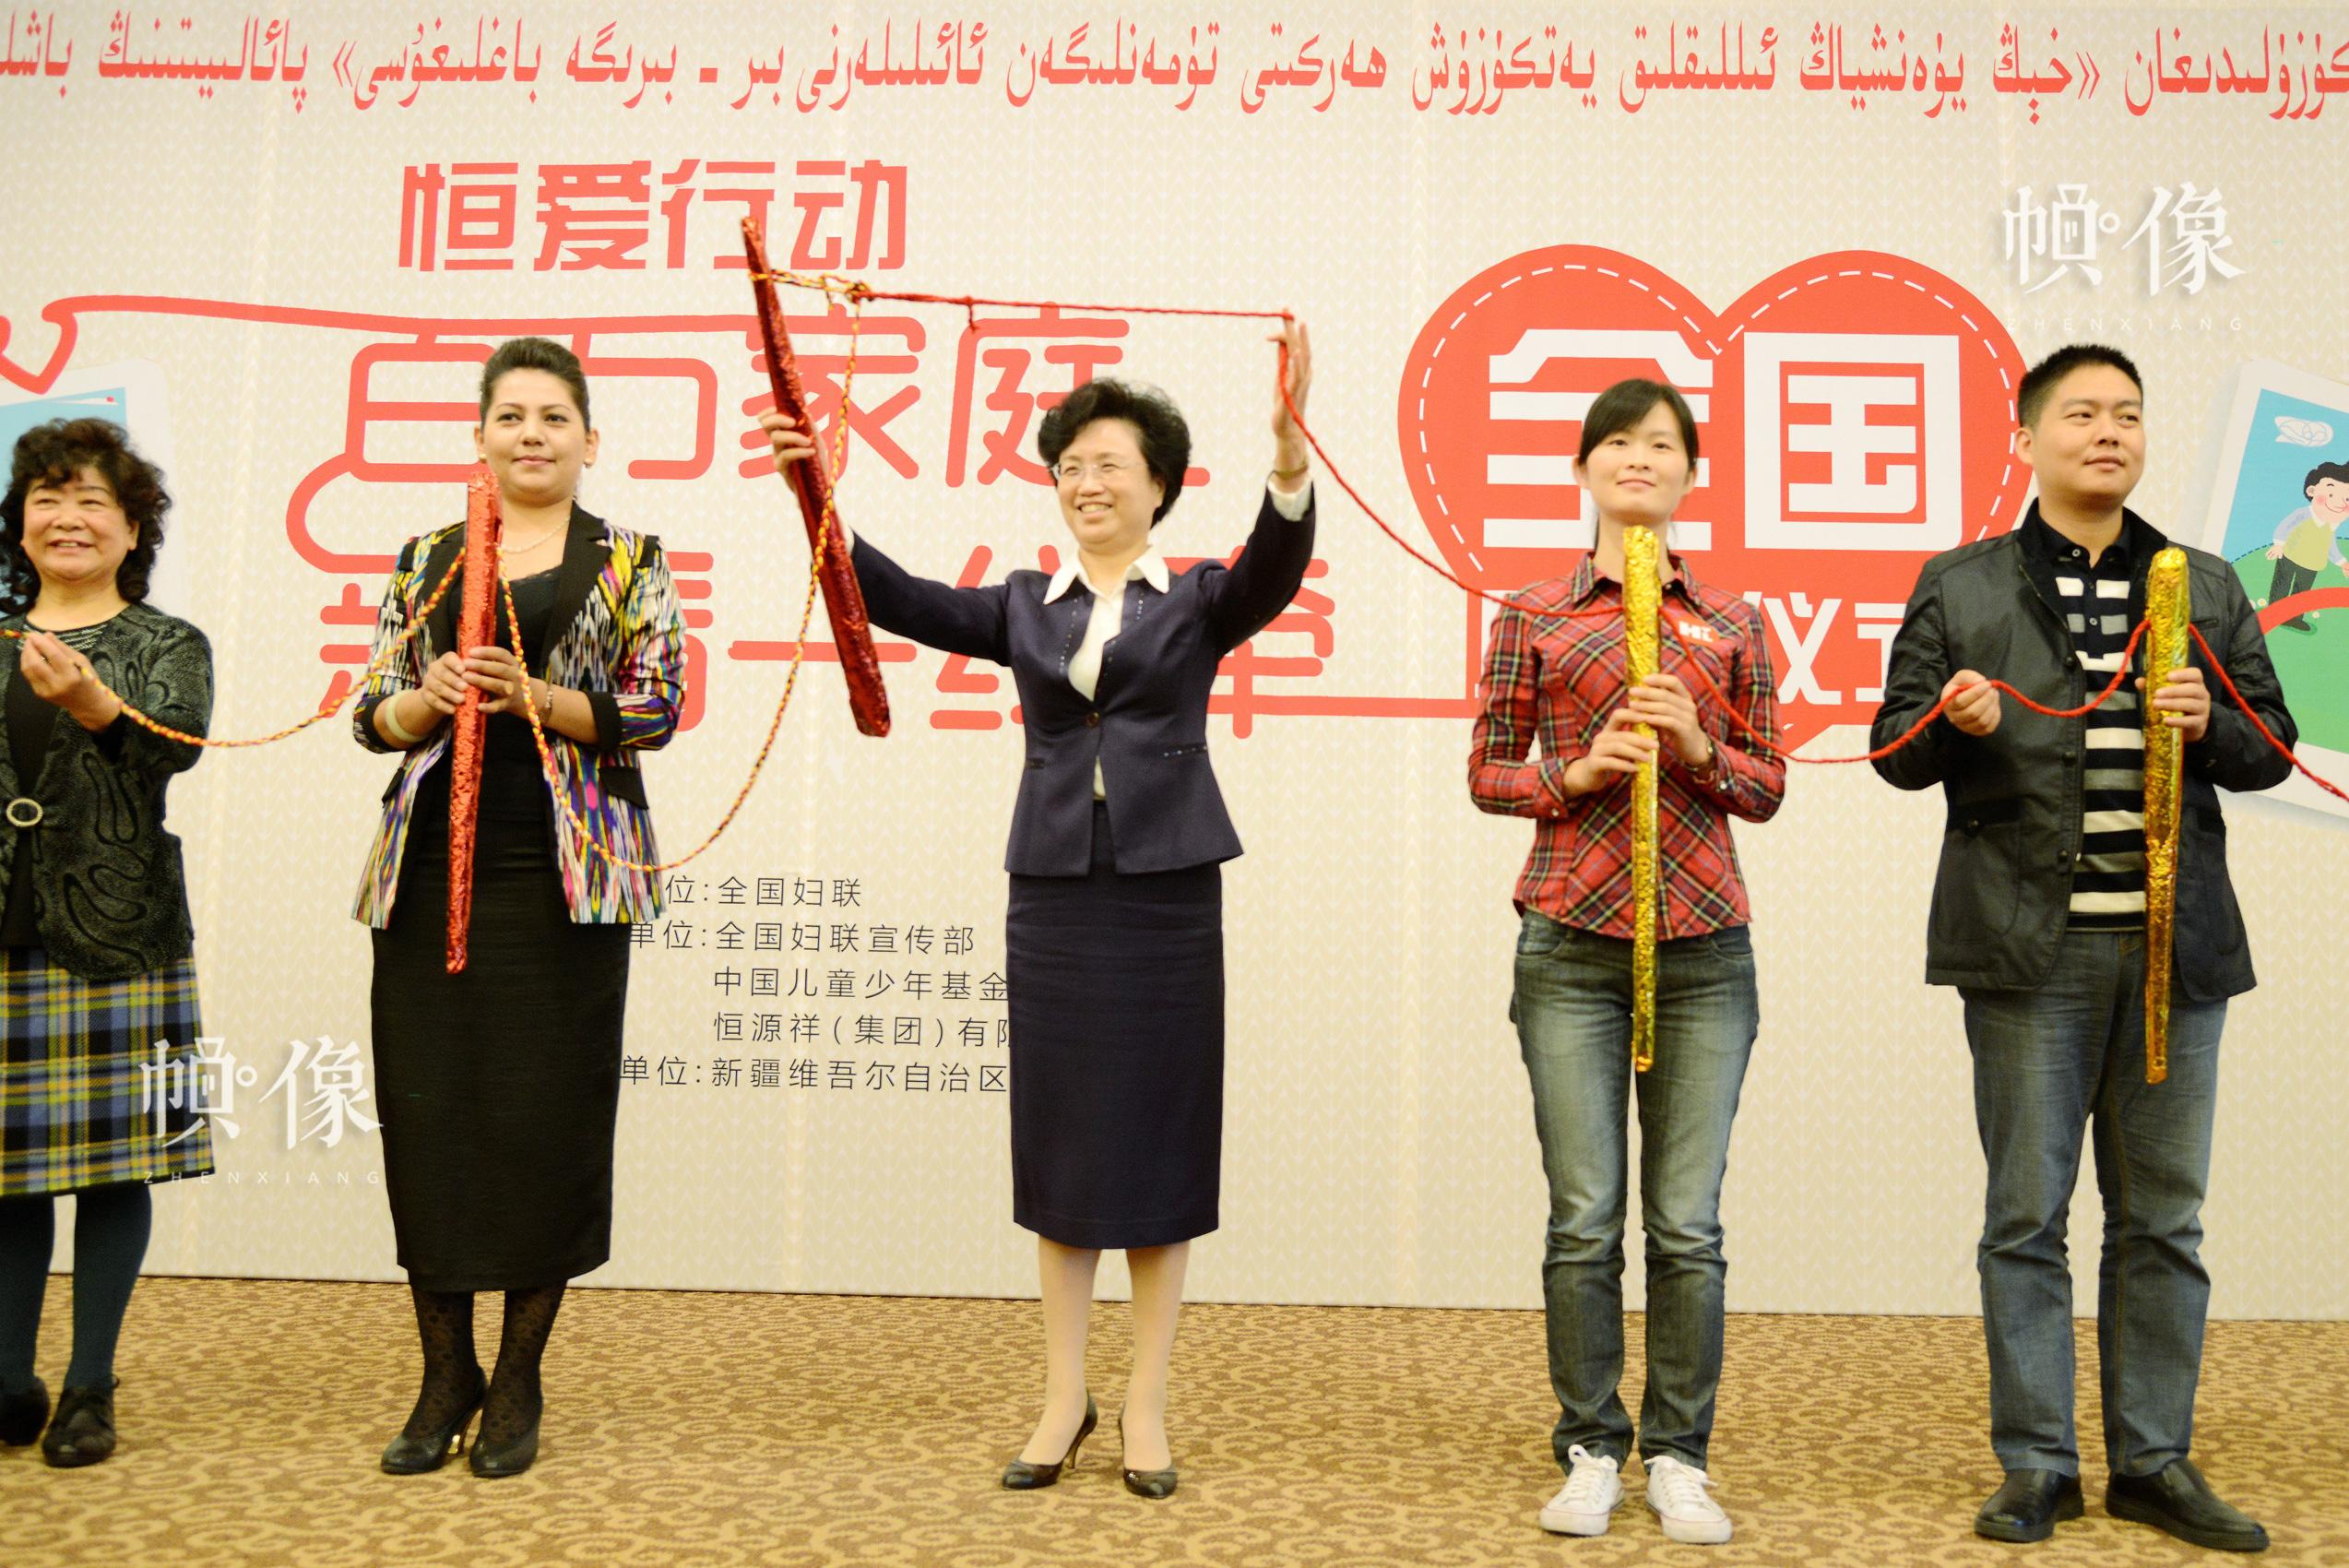 """2014年9月,全国妇联联合中国儿童少年基金会、恒源祥(集团)有限公司启动了""""恒爱行动——百万家庭亲情一线牵""""公益活动。中国儿童少年基金会供图"""